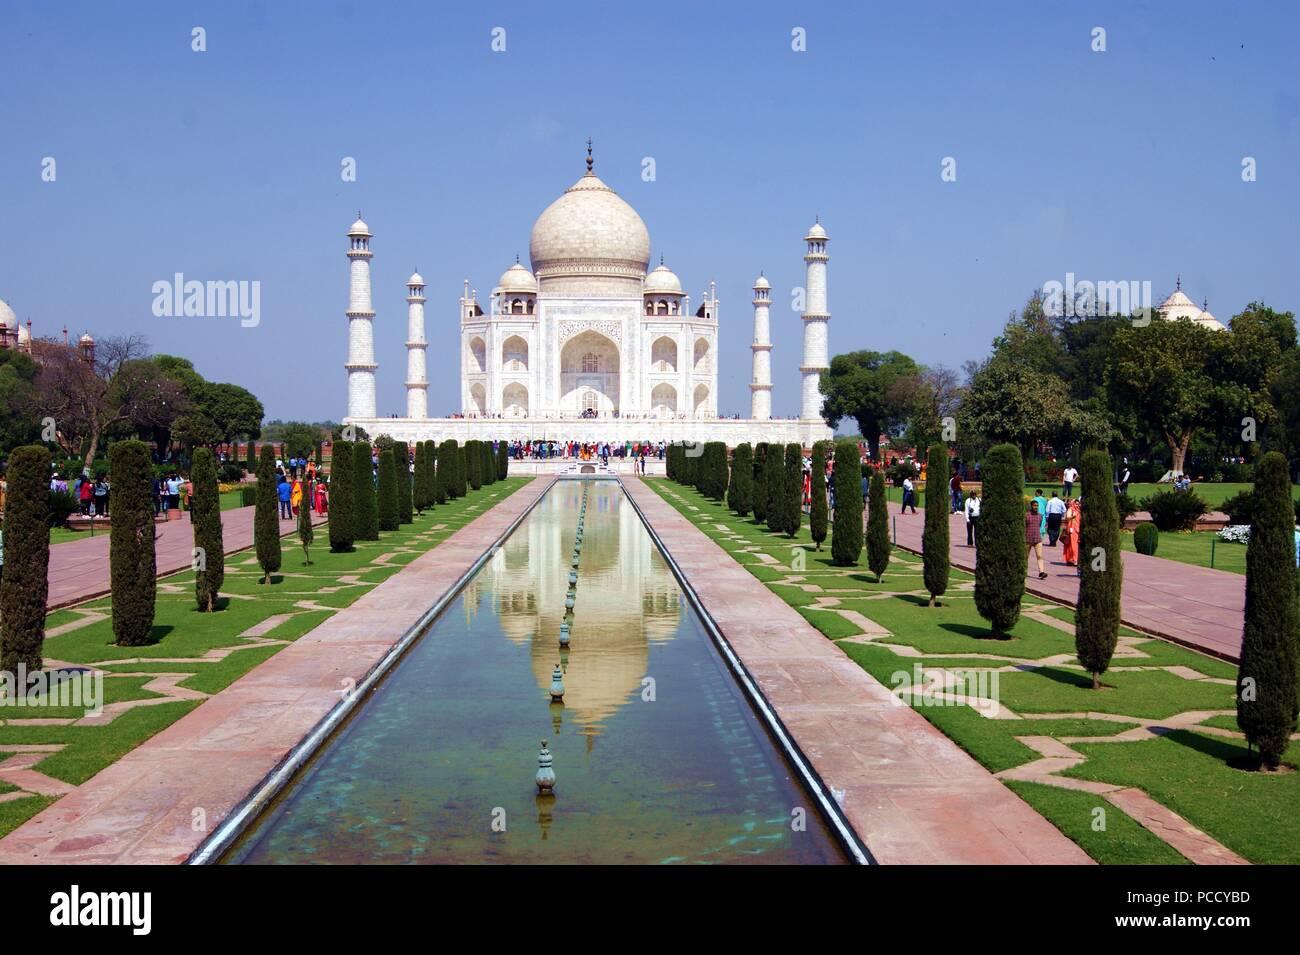 Mon voyage en Inde. Taj Mahal est l'une des plus grande et plus belle chose que j'ai vu dans ma vie! Taj Mhal est à couper le souffle. Photo Stock